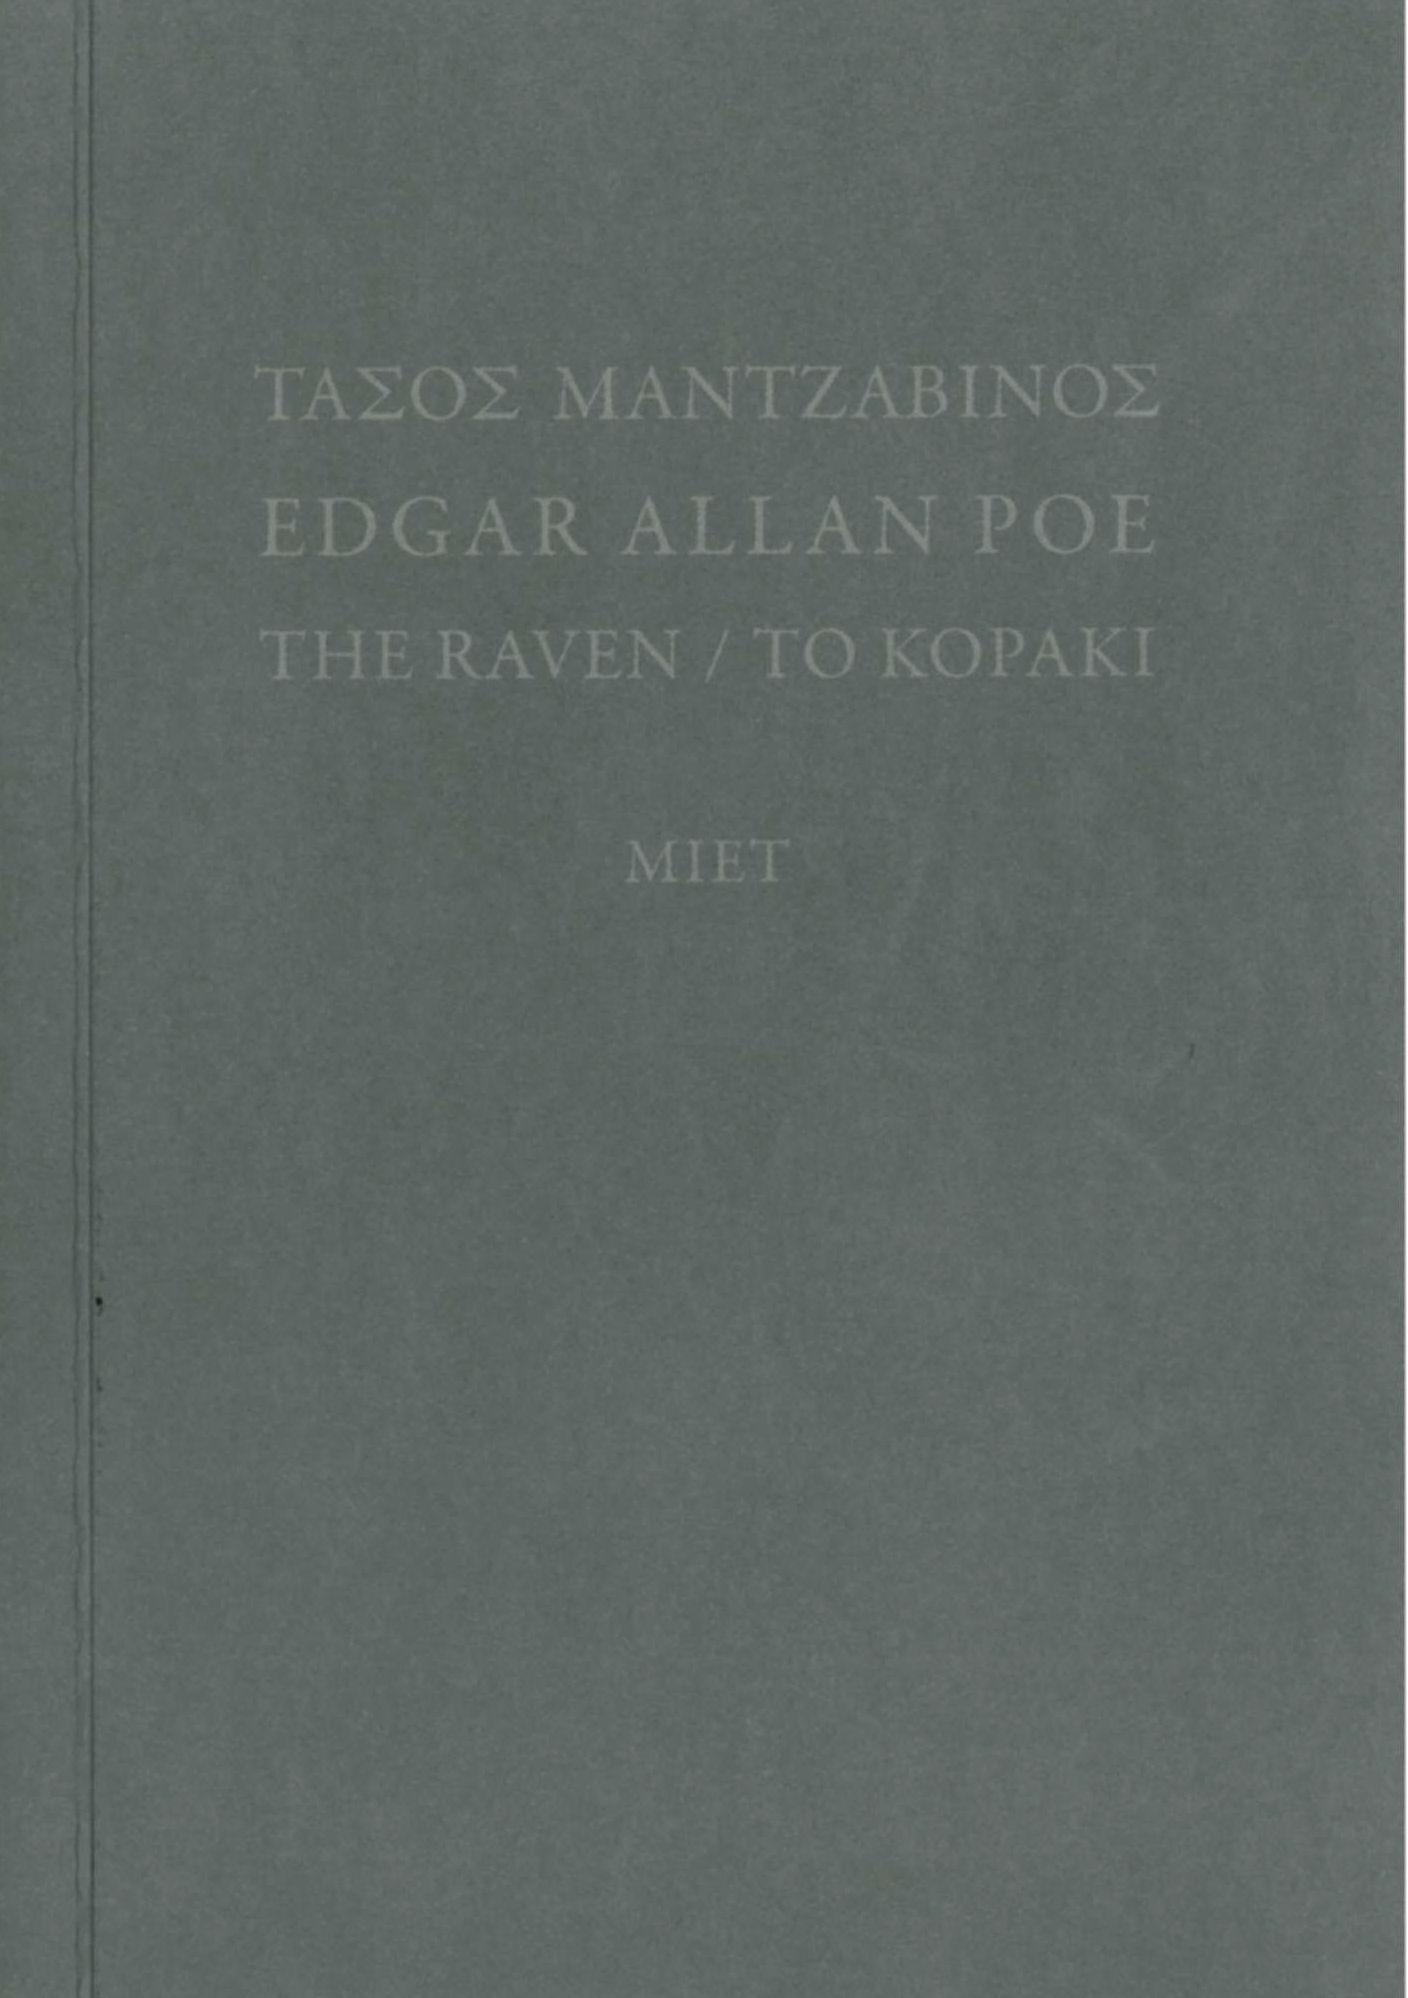 Τάσος Μαντζαβίβος, Edgar Allan Poe, The Raven/Το Κοράκι